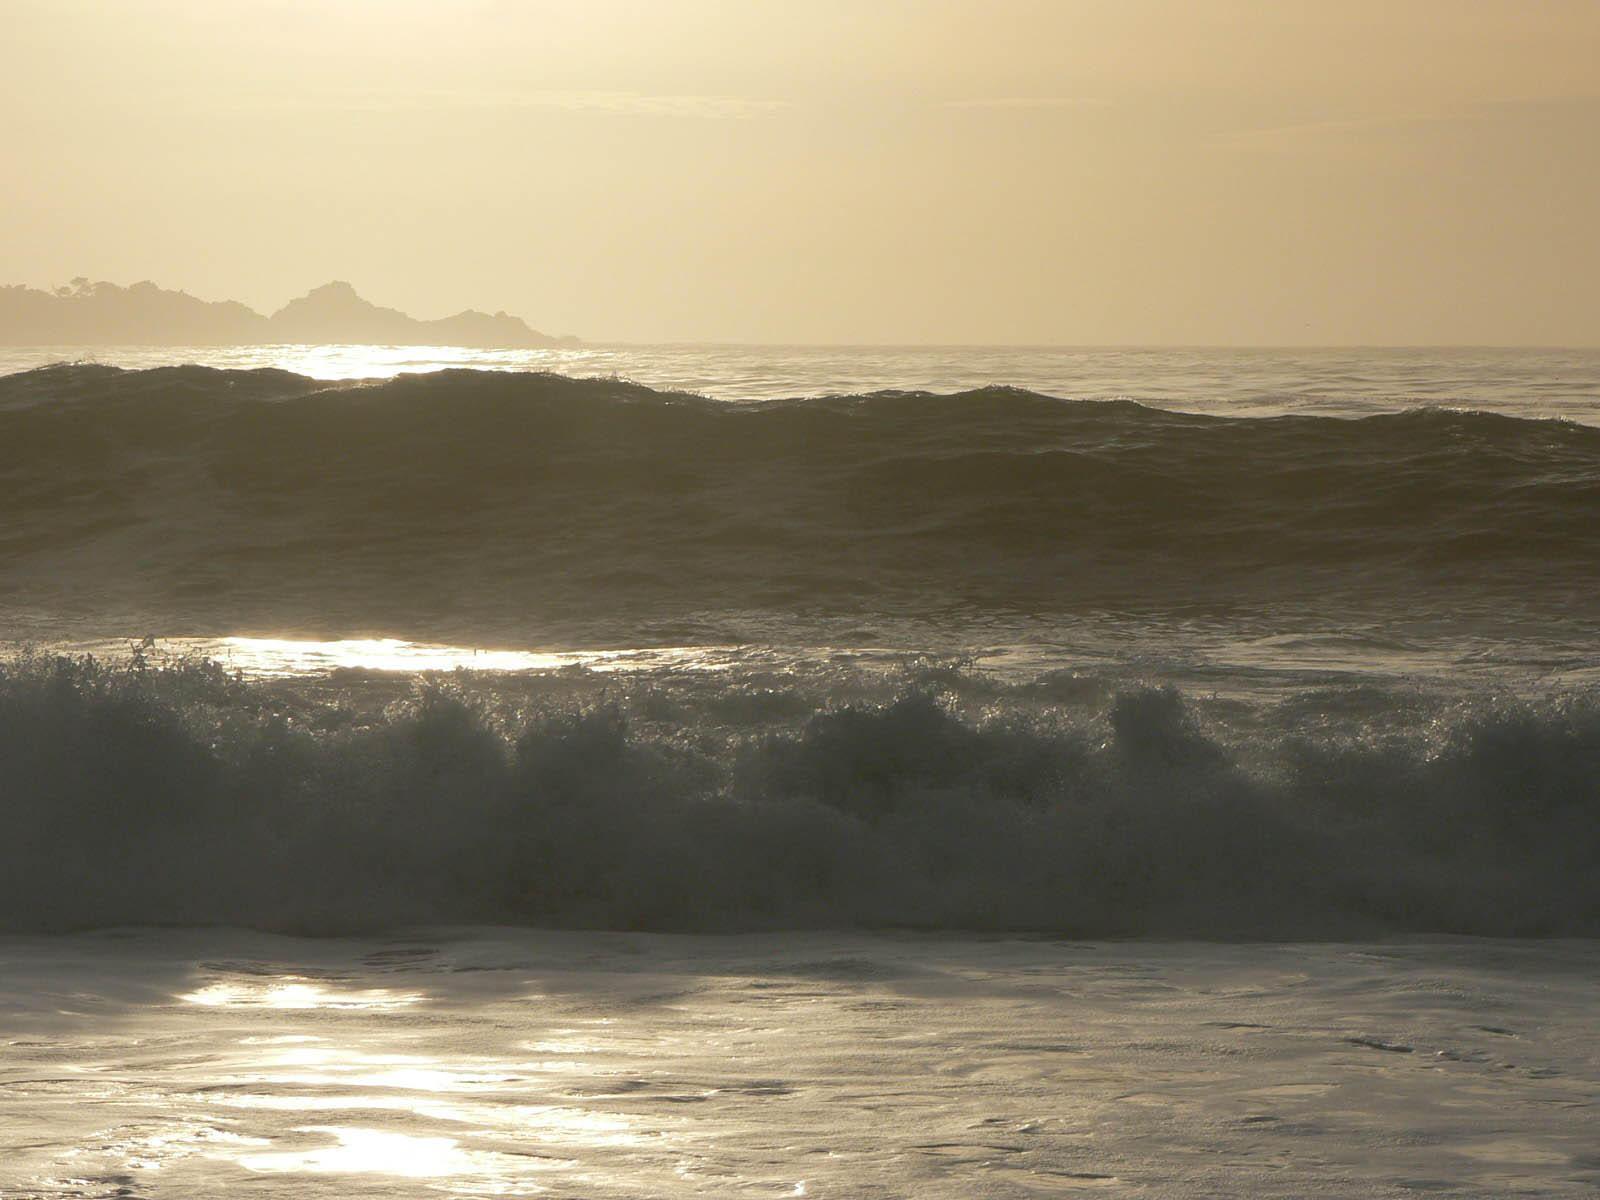 Twin waves by thedropkickninja